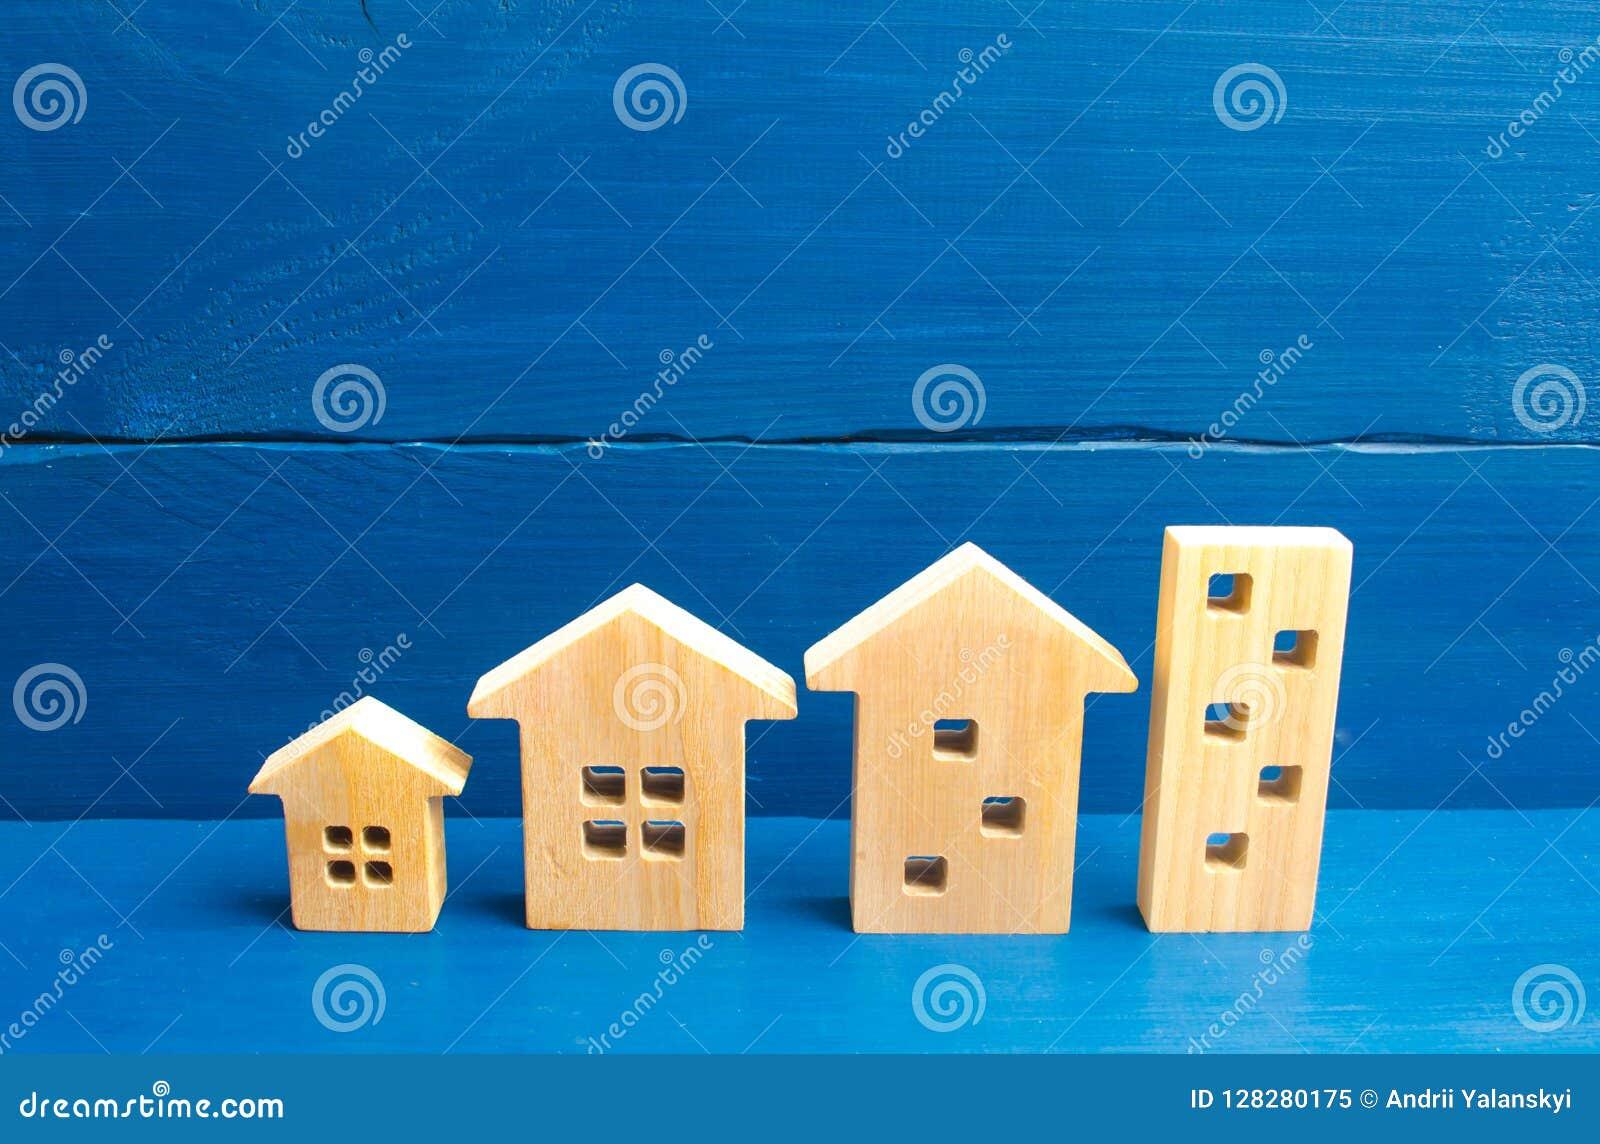 Las casas se colocan en fila de simple a grande Concepto de densidad demográfica de la urbanización y El crecimiento de ciudades,